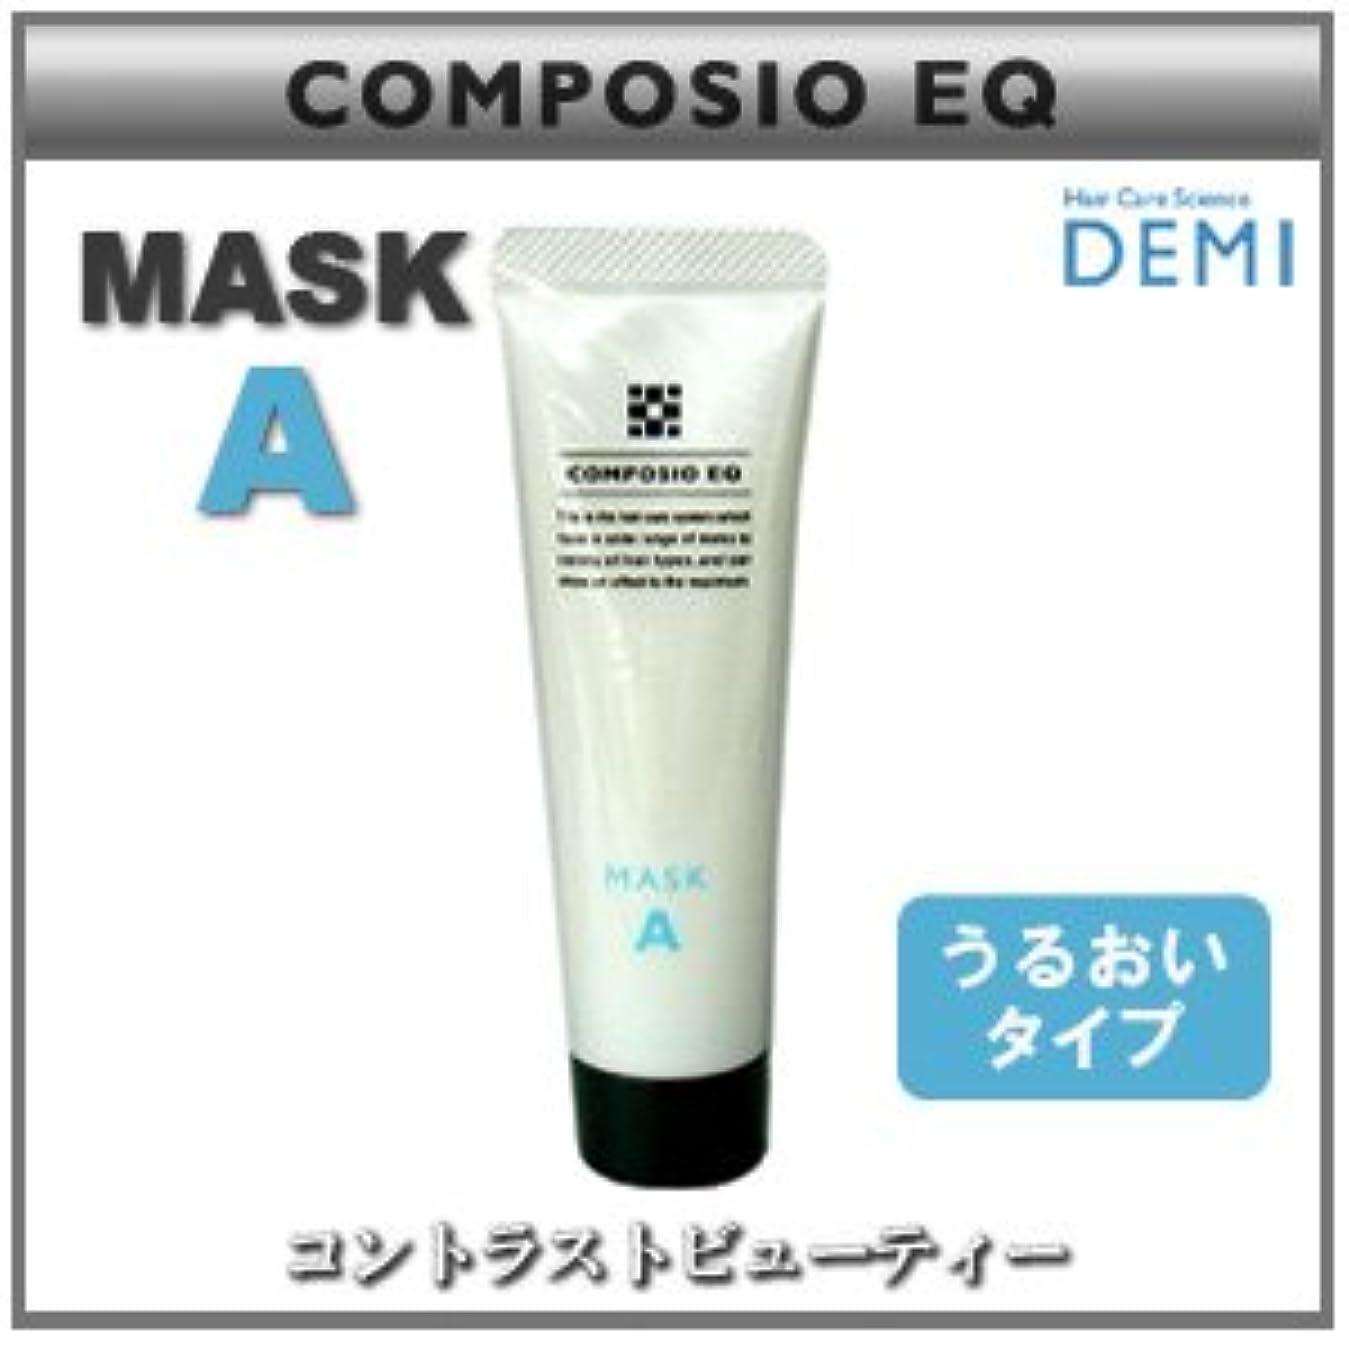 暗いゴミ悩み【X4個セット】 デミ コンポジオ EQ マスク A 50g